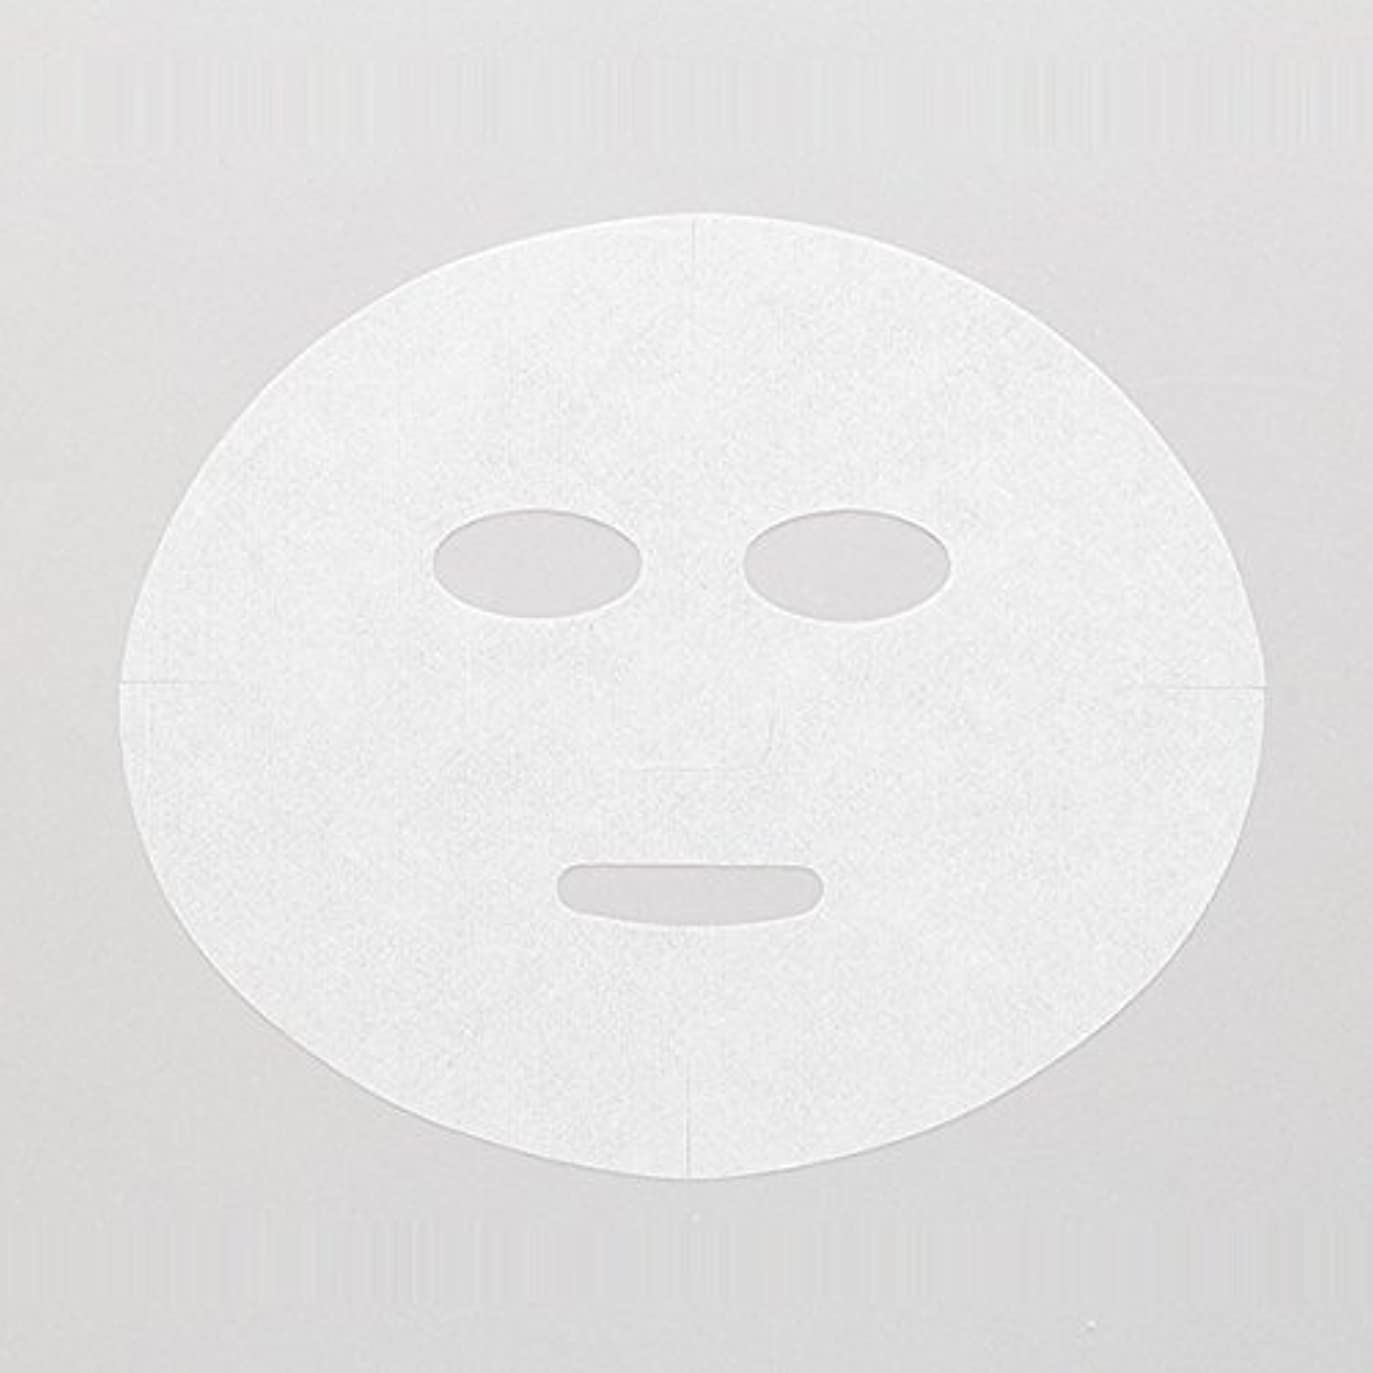 トレーニング宗教弾丸高保水 フェイシャルシート (マスクタイプ 化粧水無) 80枚 24×20cm [ フェイスマスク フェイスシート フェイスパック フェイシャルマスク シートマスク フェイシャルシート フェイシャルパック ローションマスク ローションパック ]